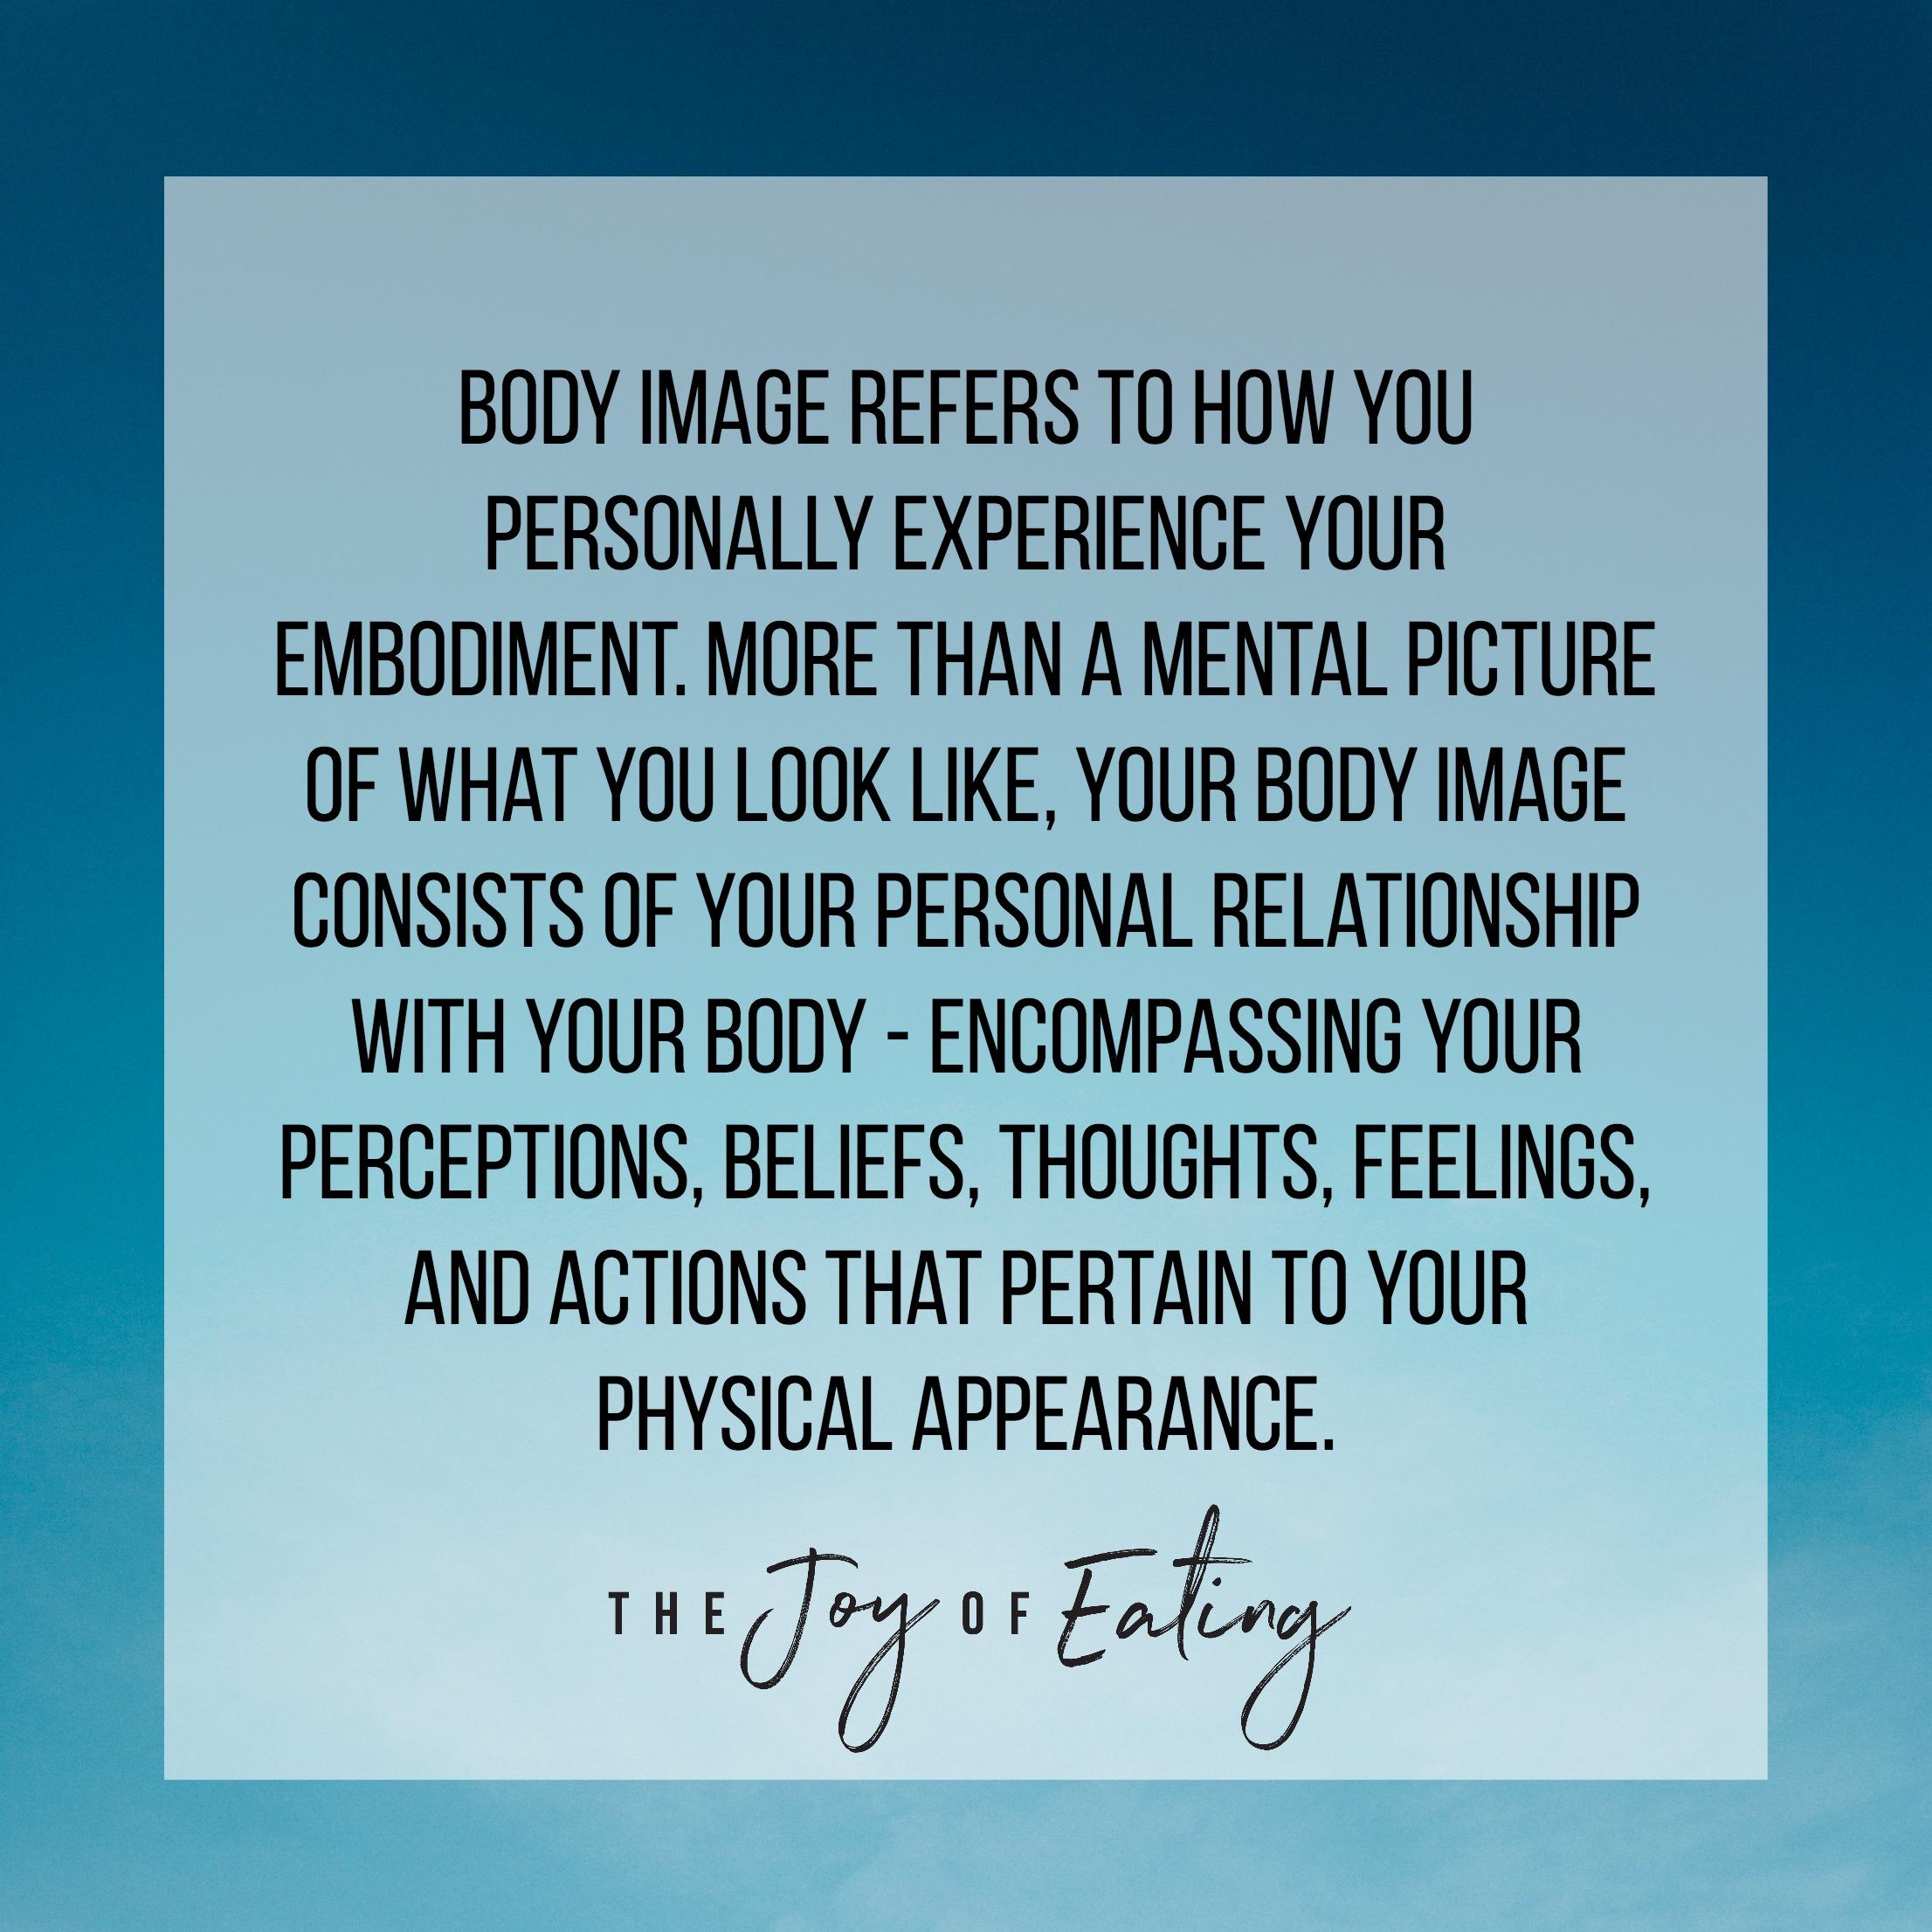 尸体比你的身体更重要。######